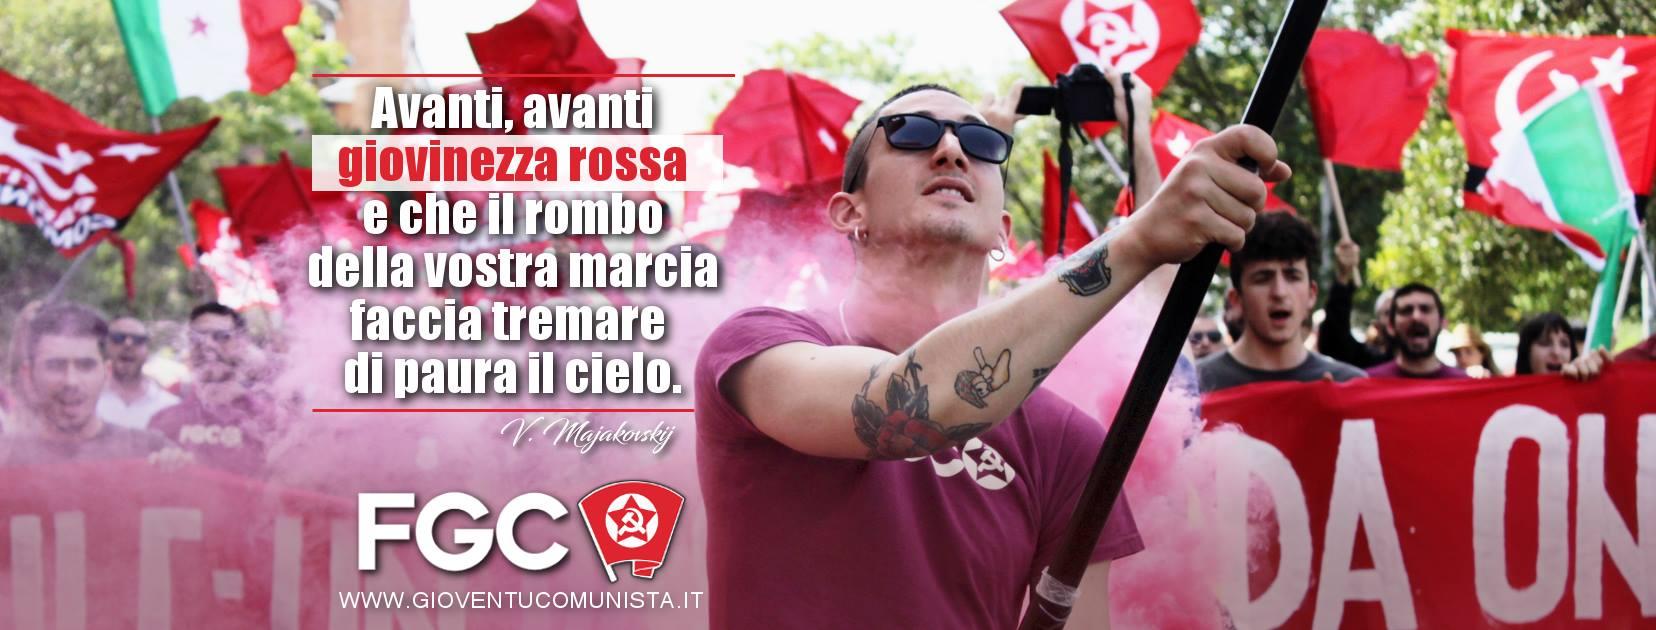 FGC Fronte della Gioventù Comunista